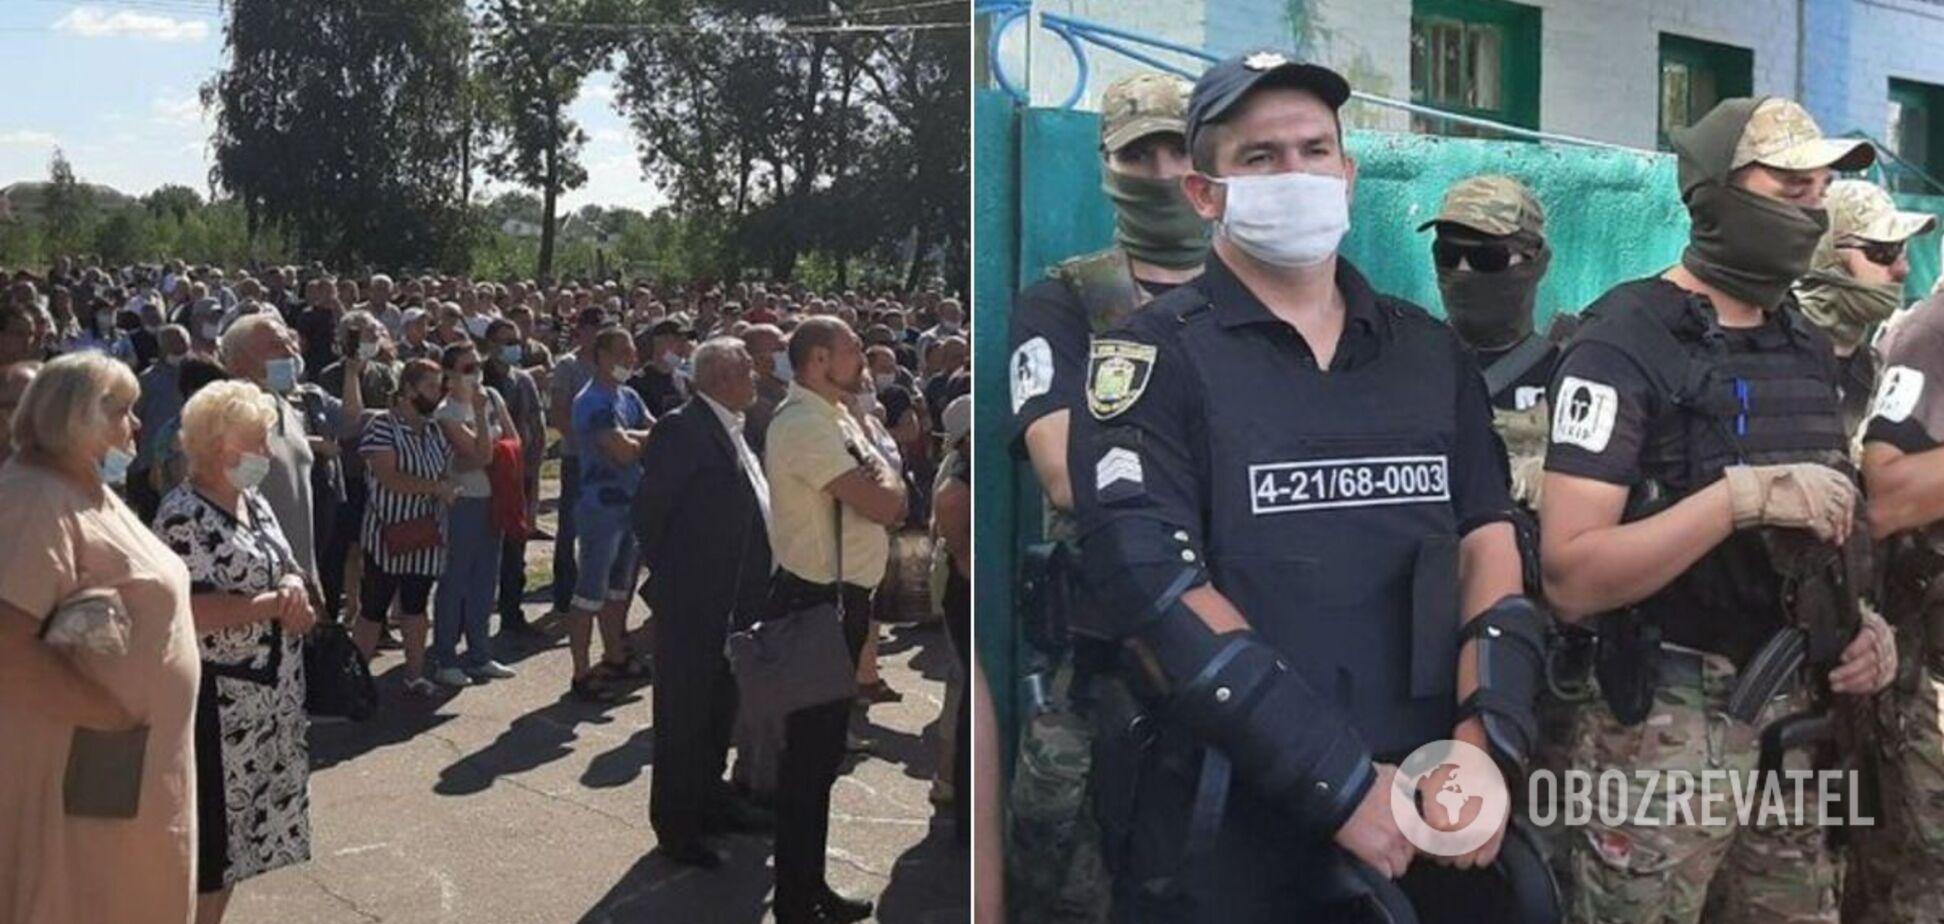 Мітинг у селі під Харковом